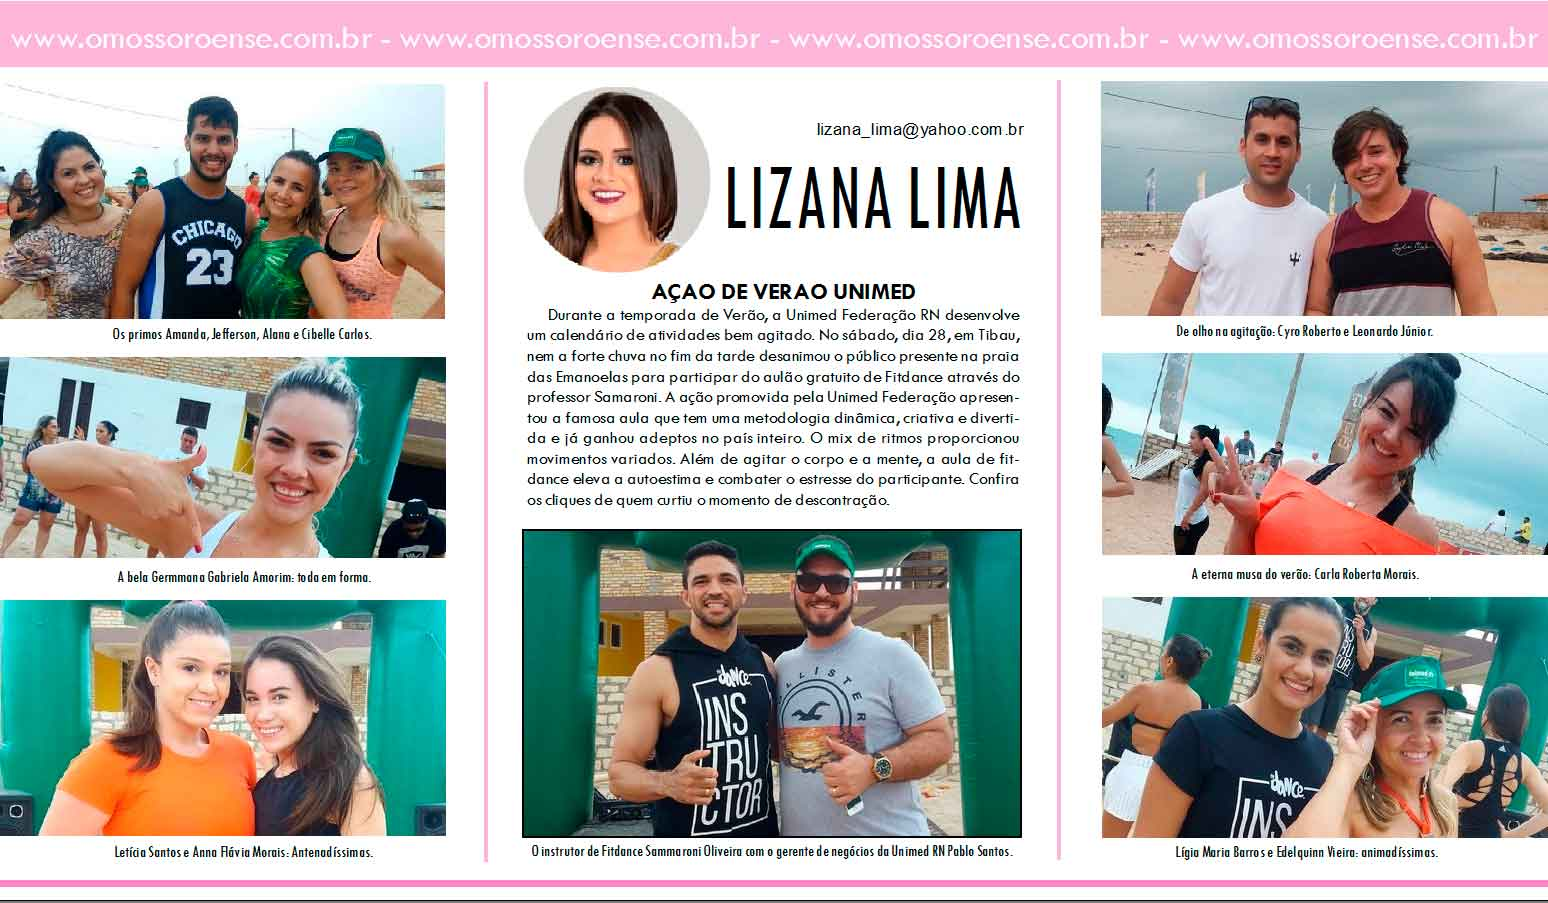 LIZANA-LIMA